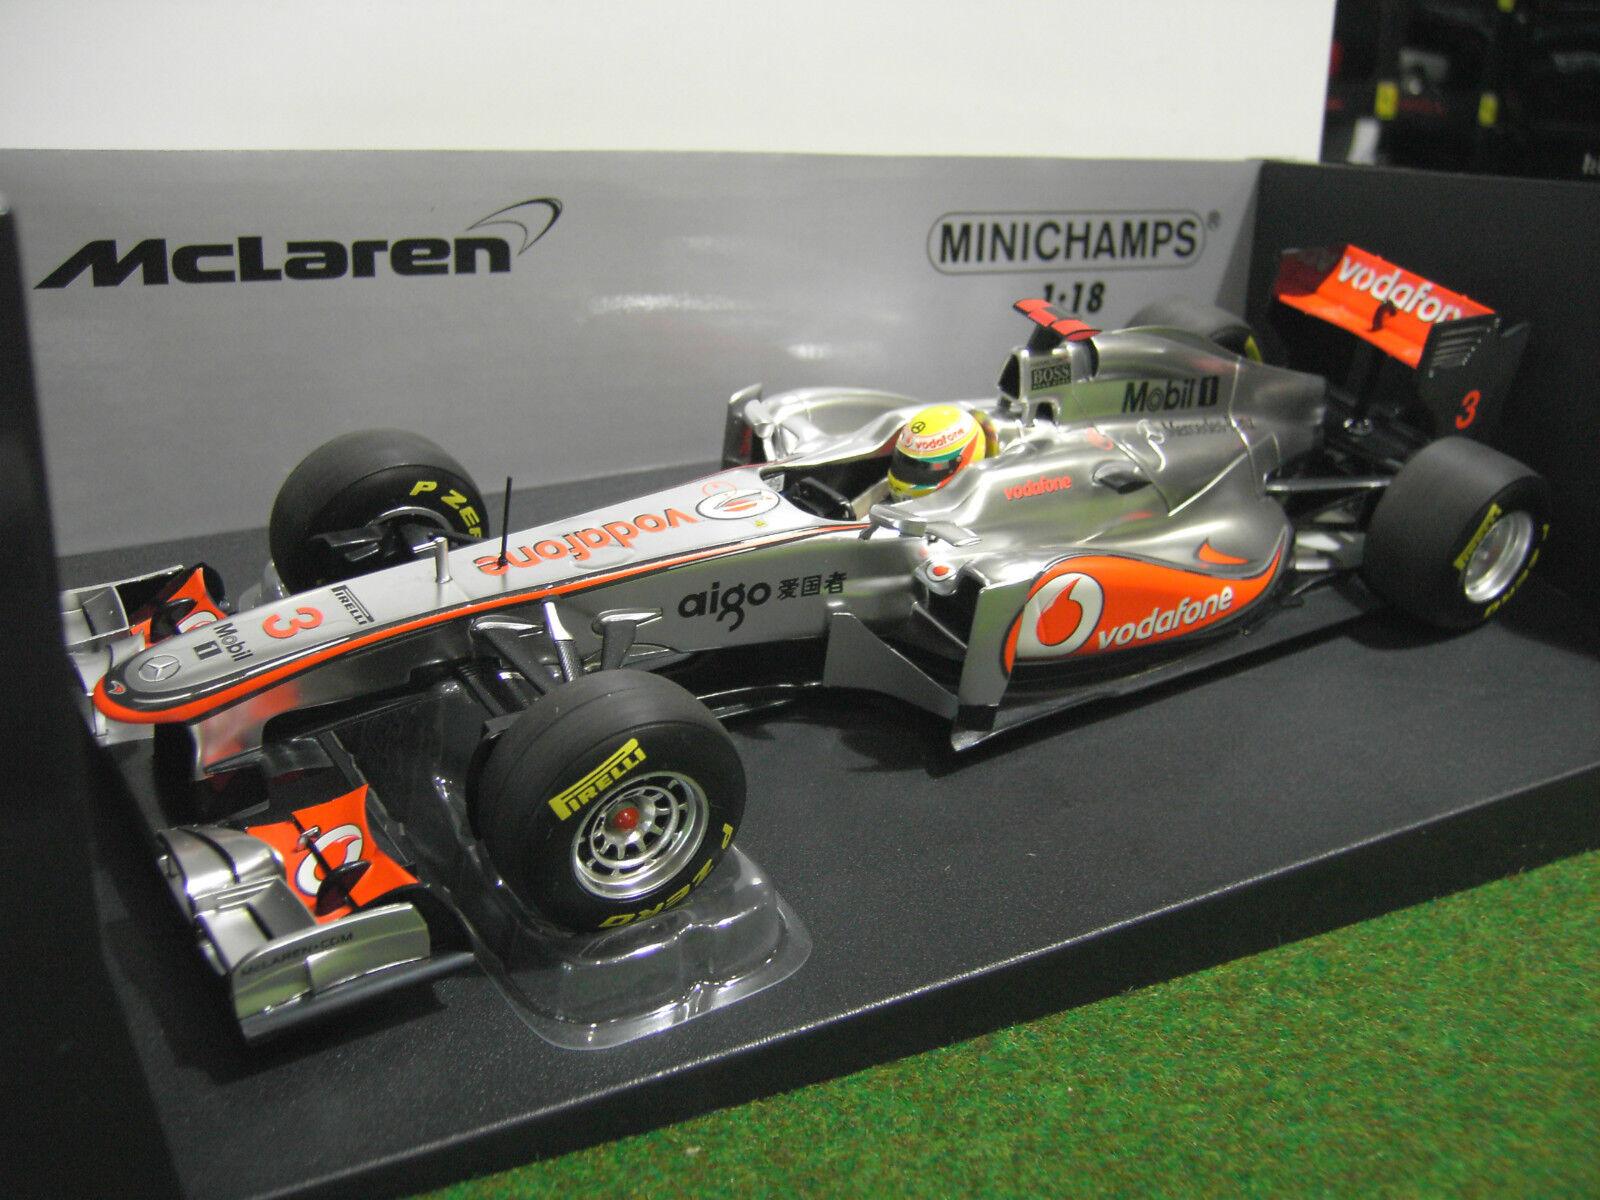 F1 McLAREN MP4-26 HAMILTON 2011 formule 1 VODAFONE au 1 18 MINICHAMPS 530111803